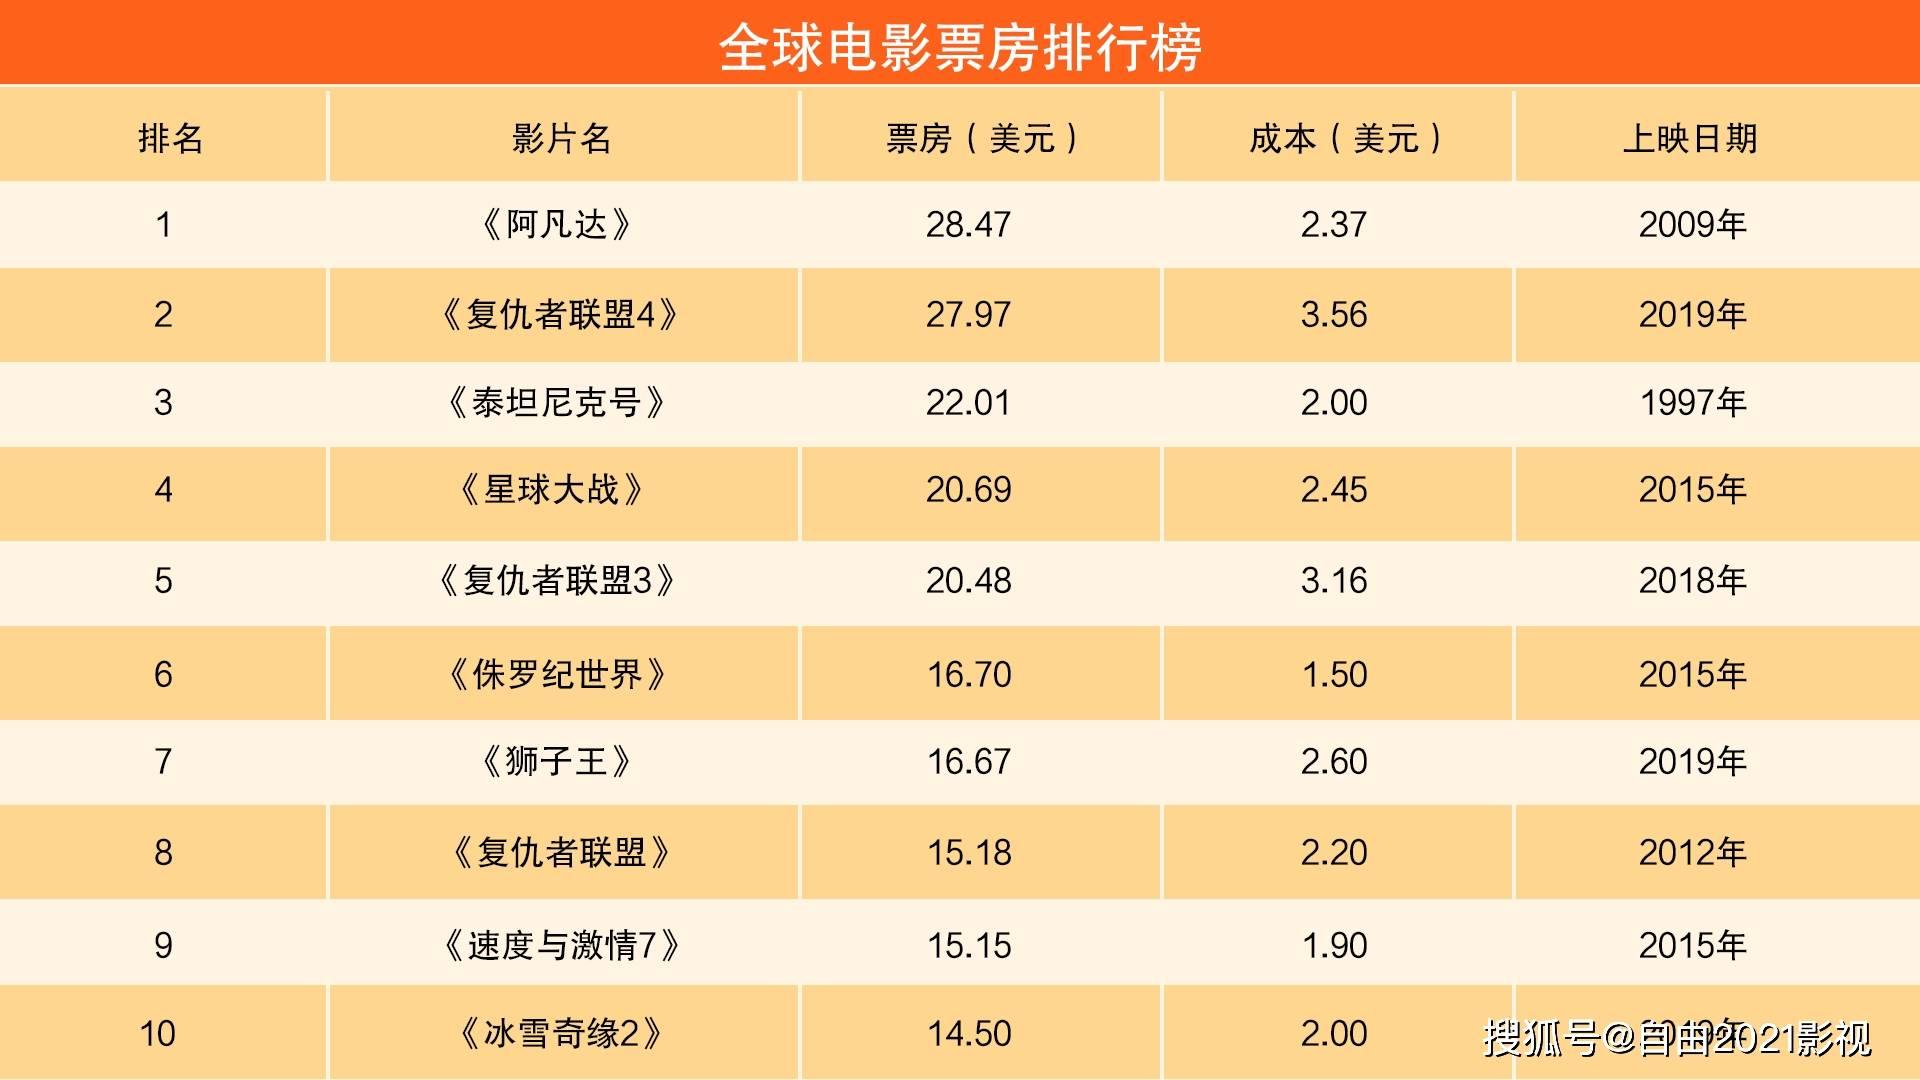 电影全球票房排行榜_华语电影香港票房排行榜,刘德华,成龙,周星驰上榜